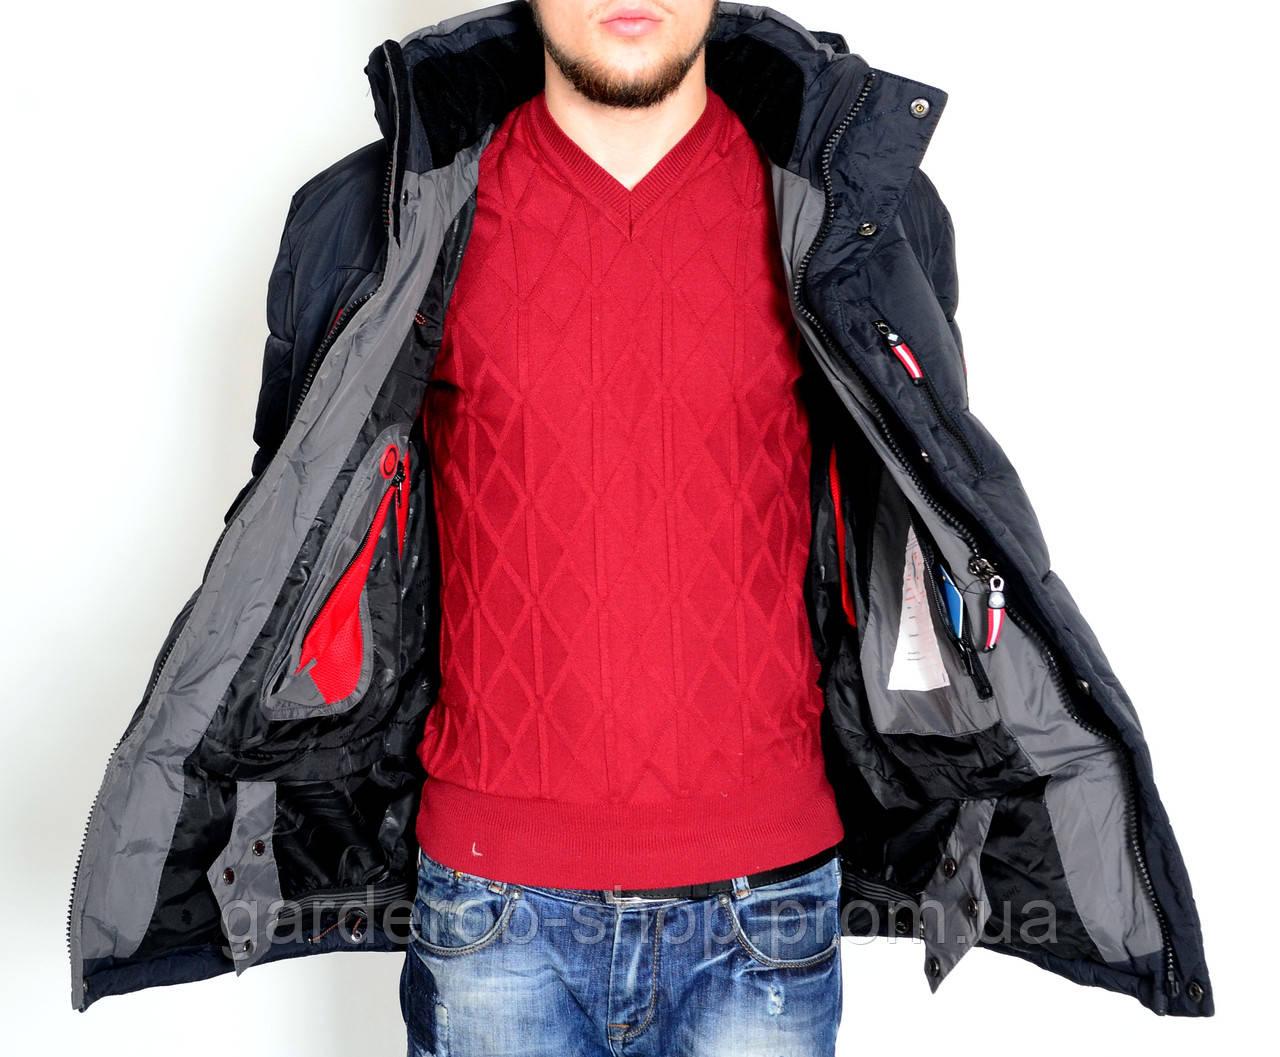 Мужская стильная одежда больших размеров